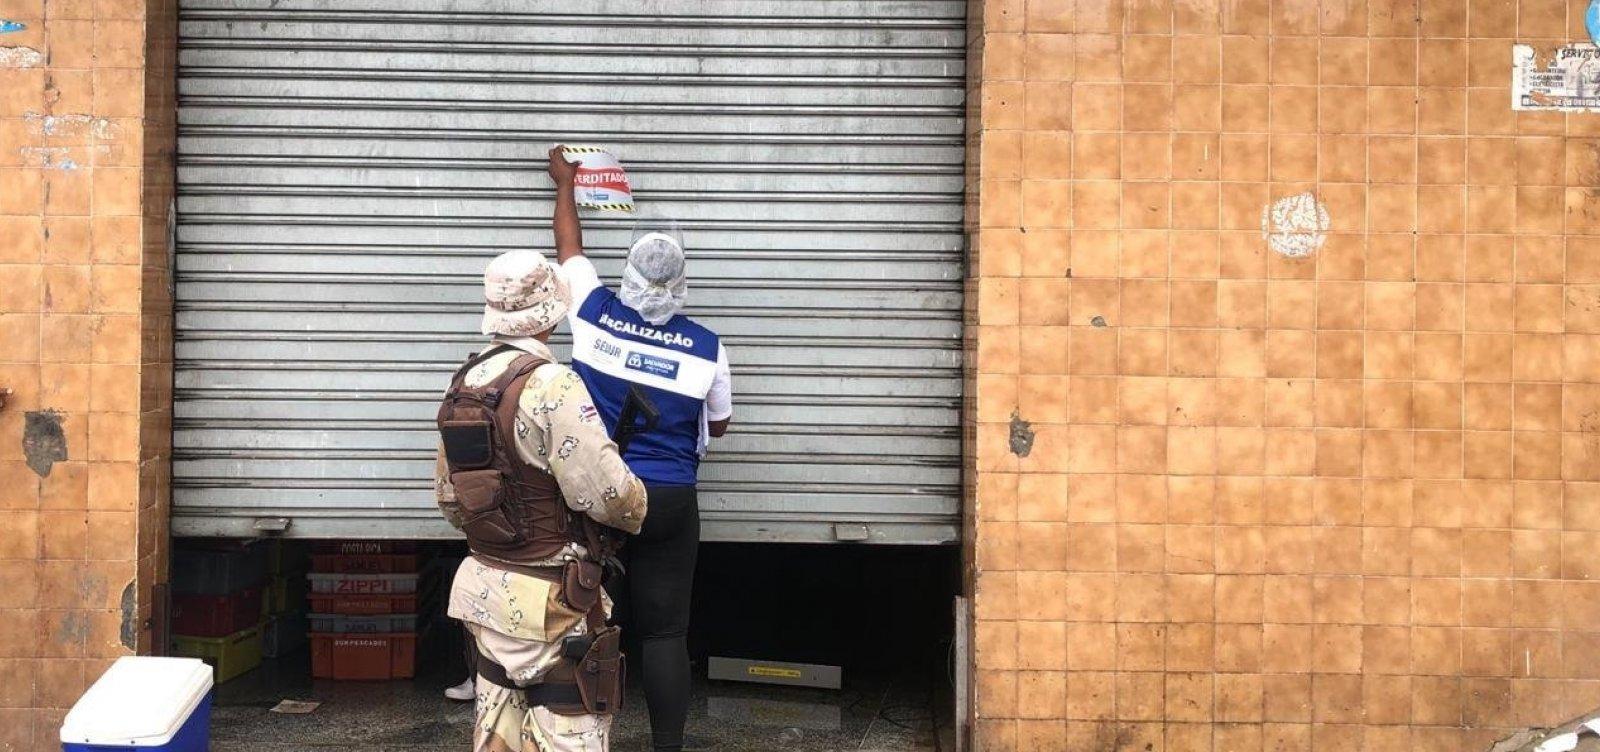 [Sedur interdita 593 estabelecimentos em primeiro dia de restrição comercial total]